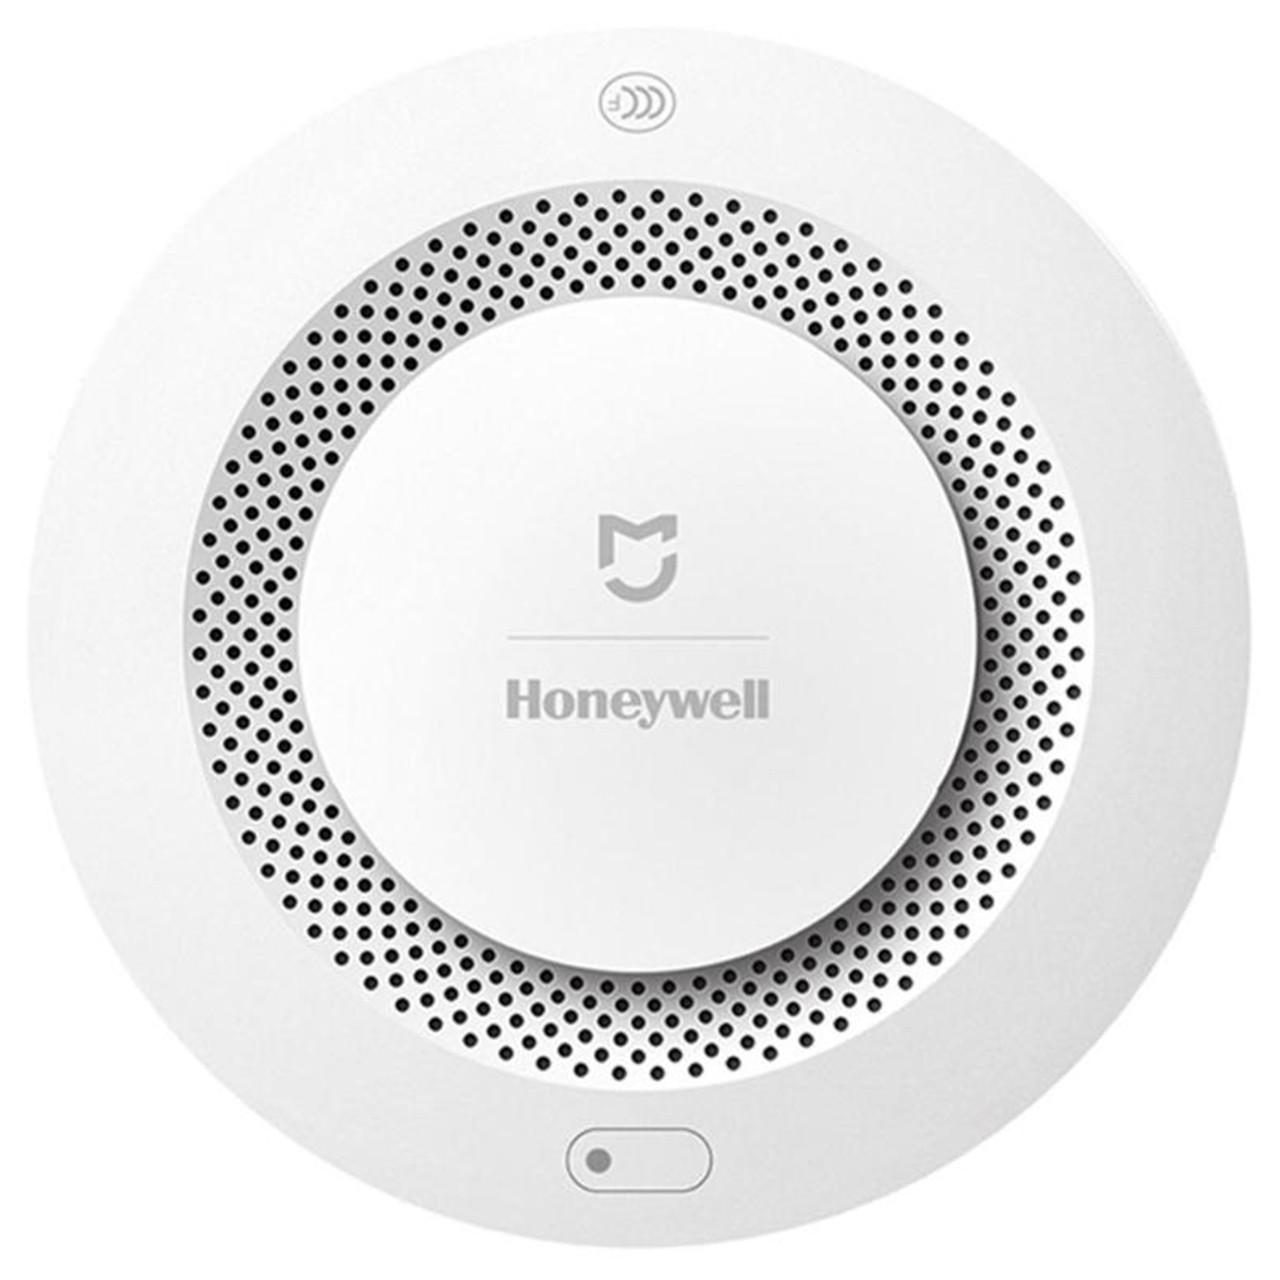 Беспроводной датчик утечки газа Xiaomi MiJia Honeywell Gas Alarm (YTC4019RT) Белый (3813-10680)